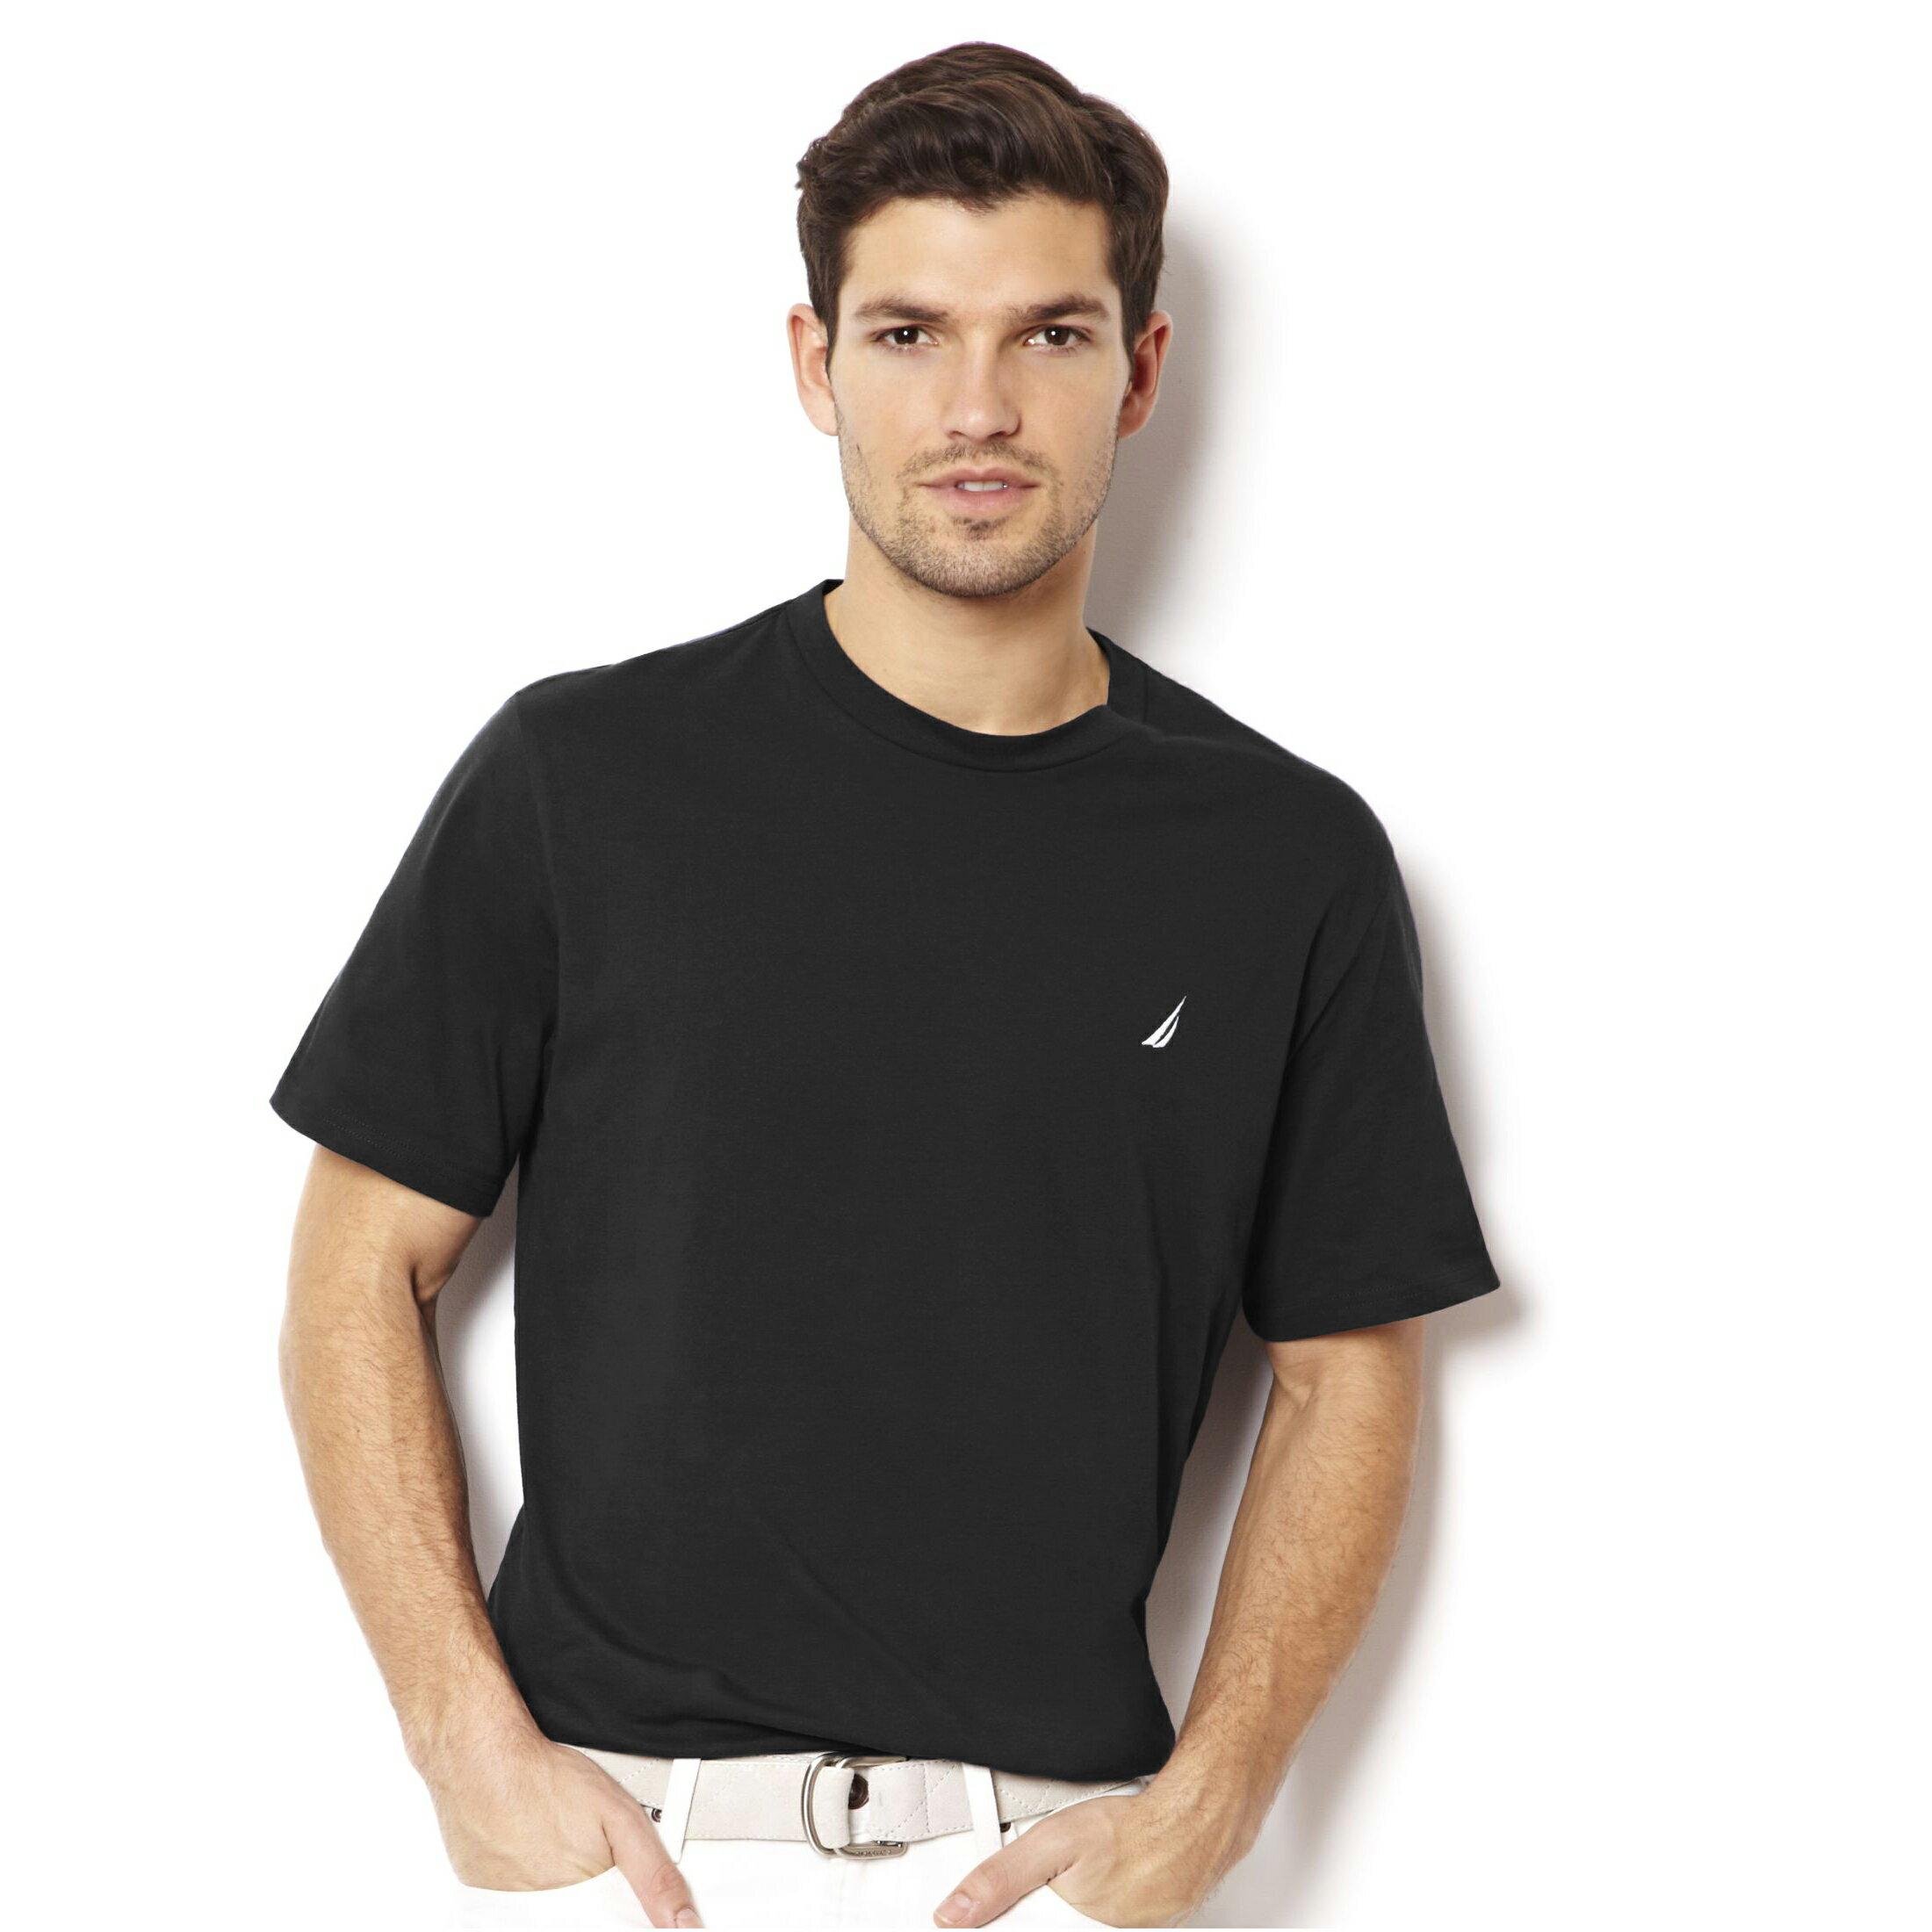 美國百分百【全新真品】Nautica T恤 帆船 T-SHIRT 上衣 短袖 素面 男 黑色 XS S M號 E680